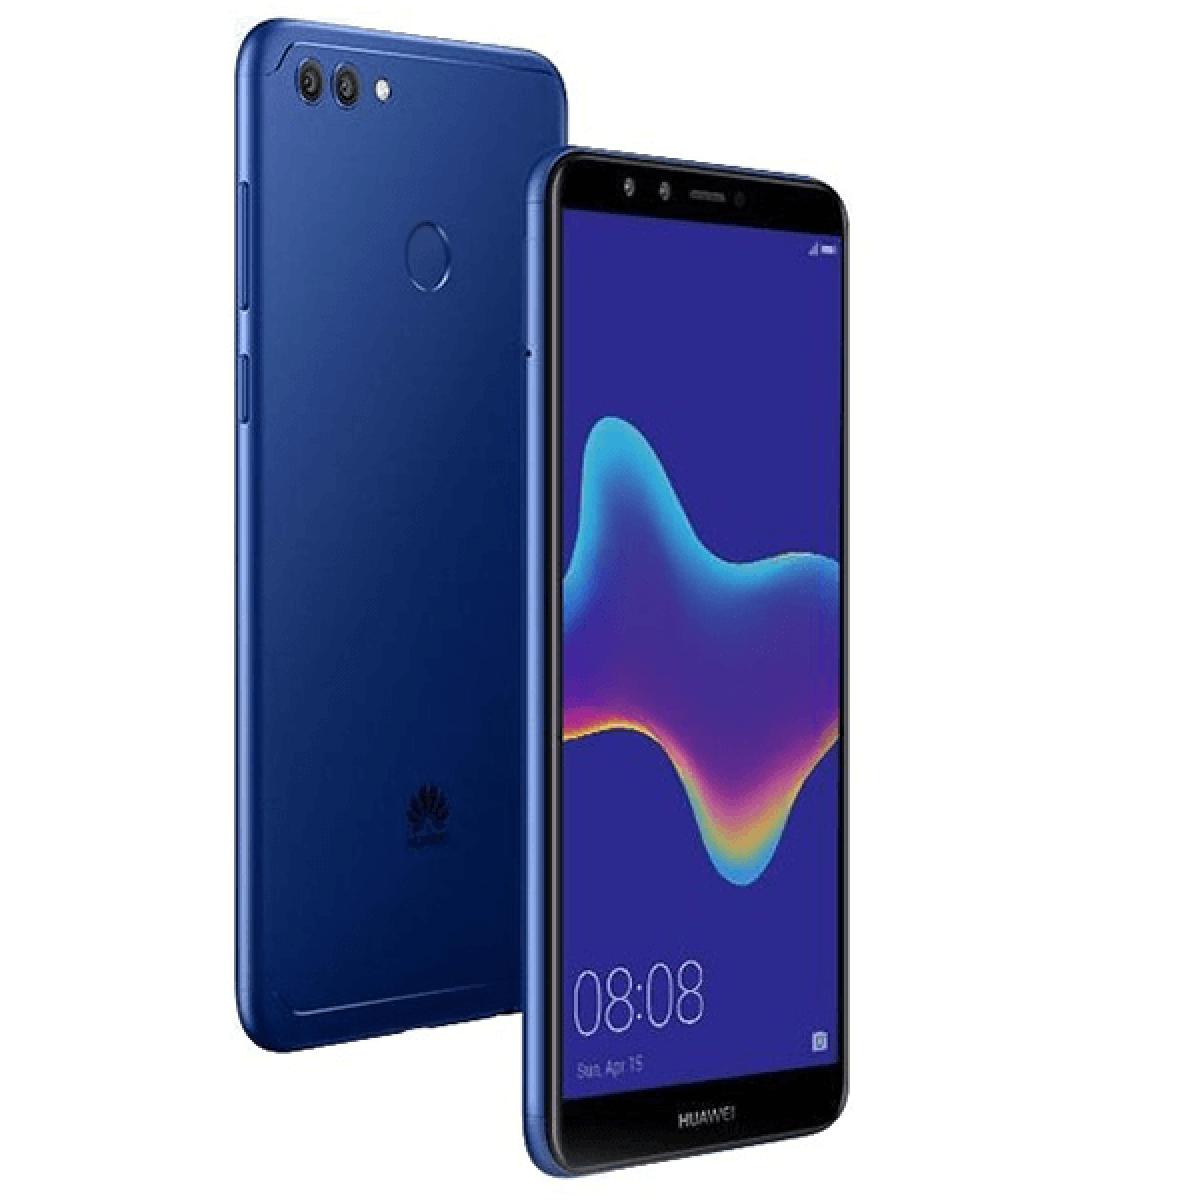 مواصفات وأسعار أكثر 10 هواتف ذكية مبيعًا في ديسمبر 2018